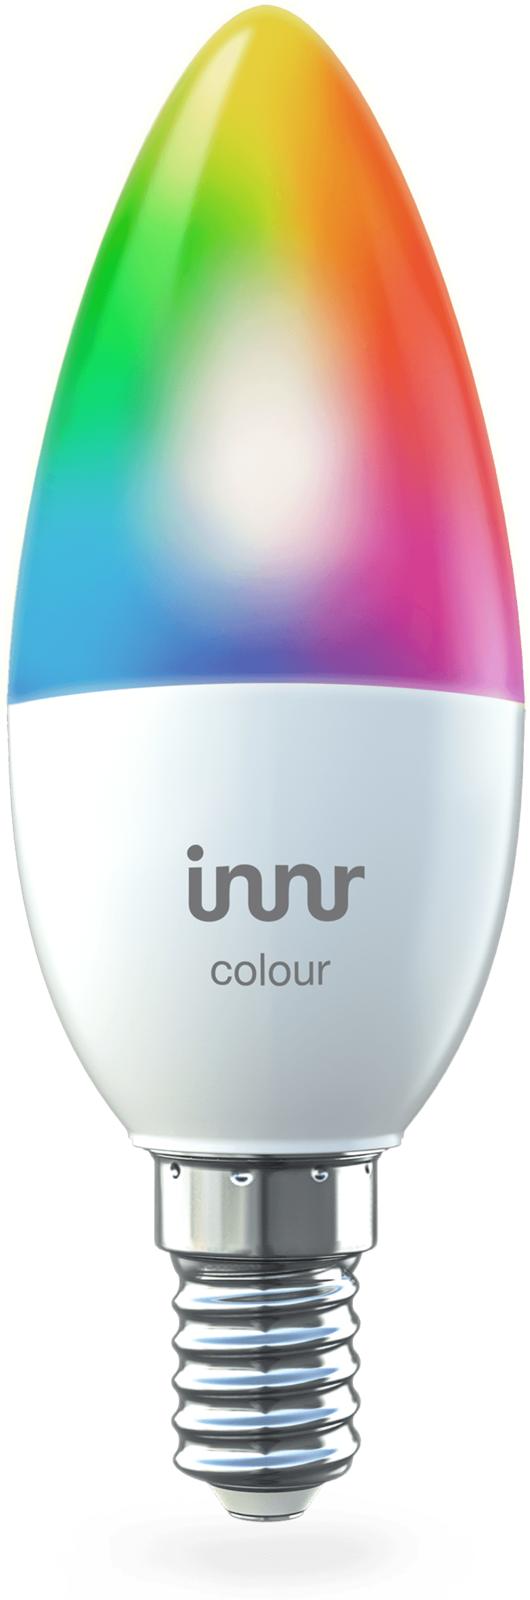 INNR LIGHTING 2X E14 SMART LED LAMP